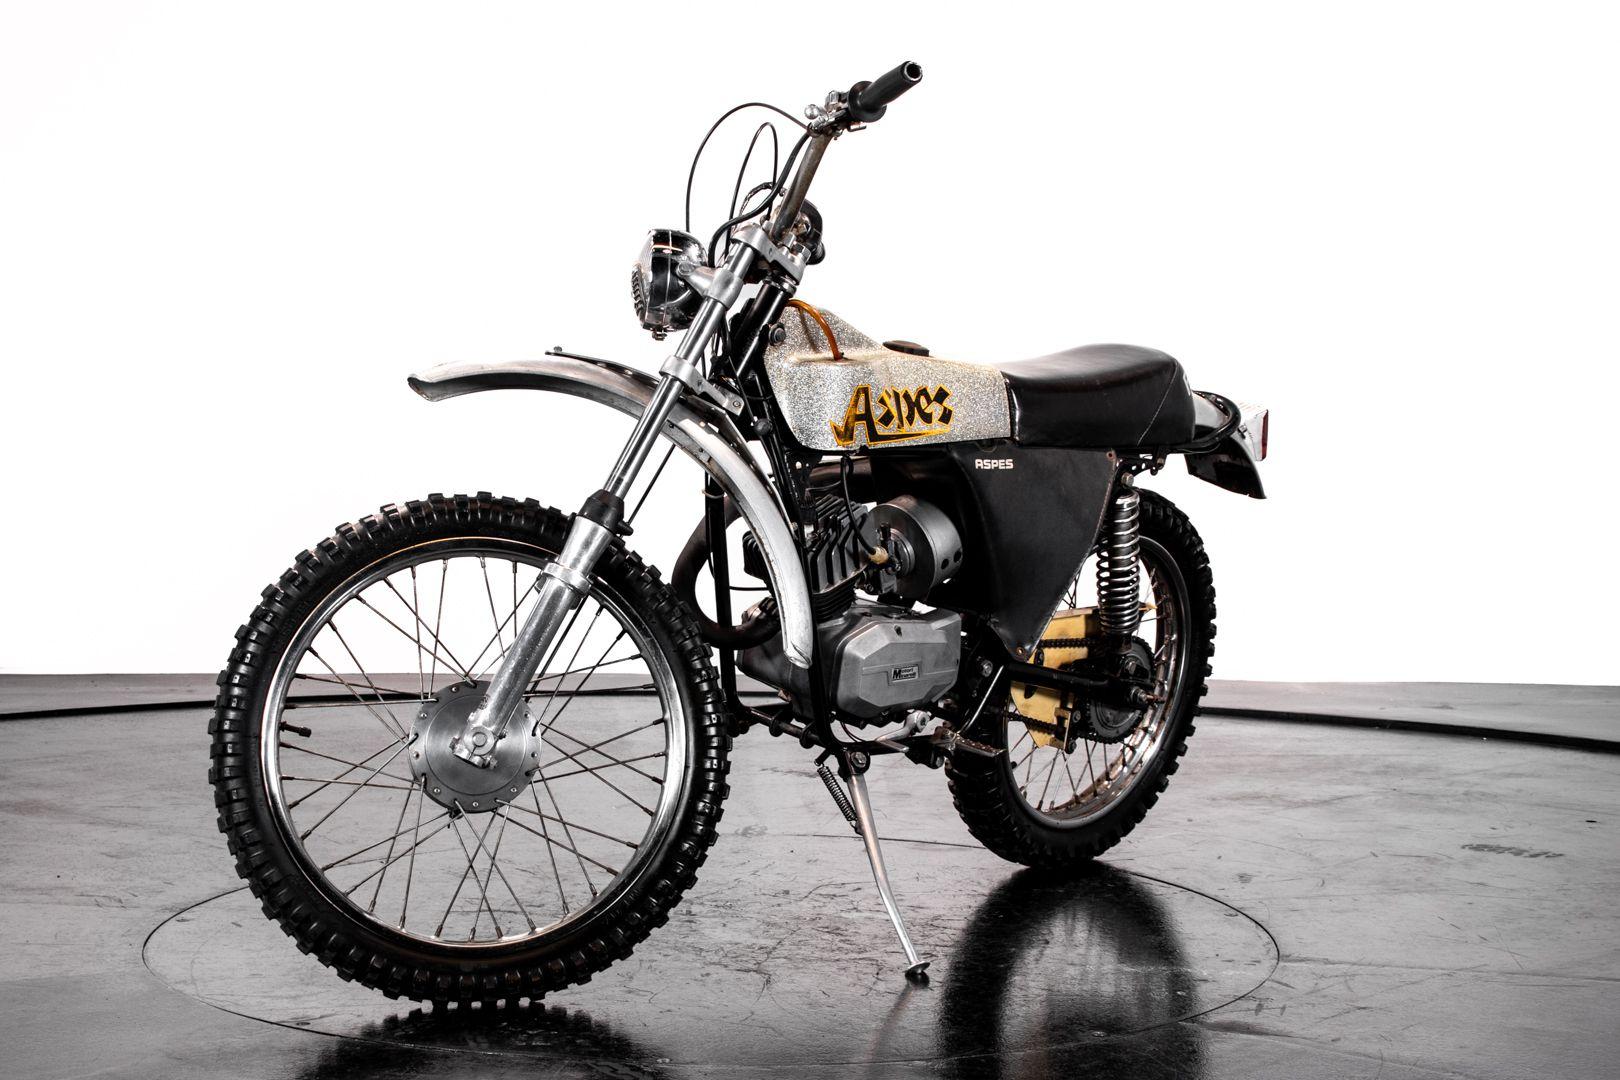 1970 ASPES CS 71 69010